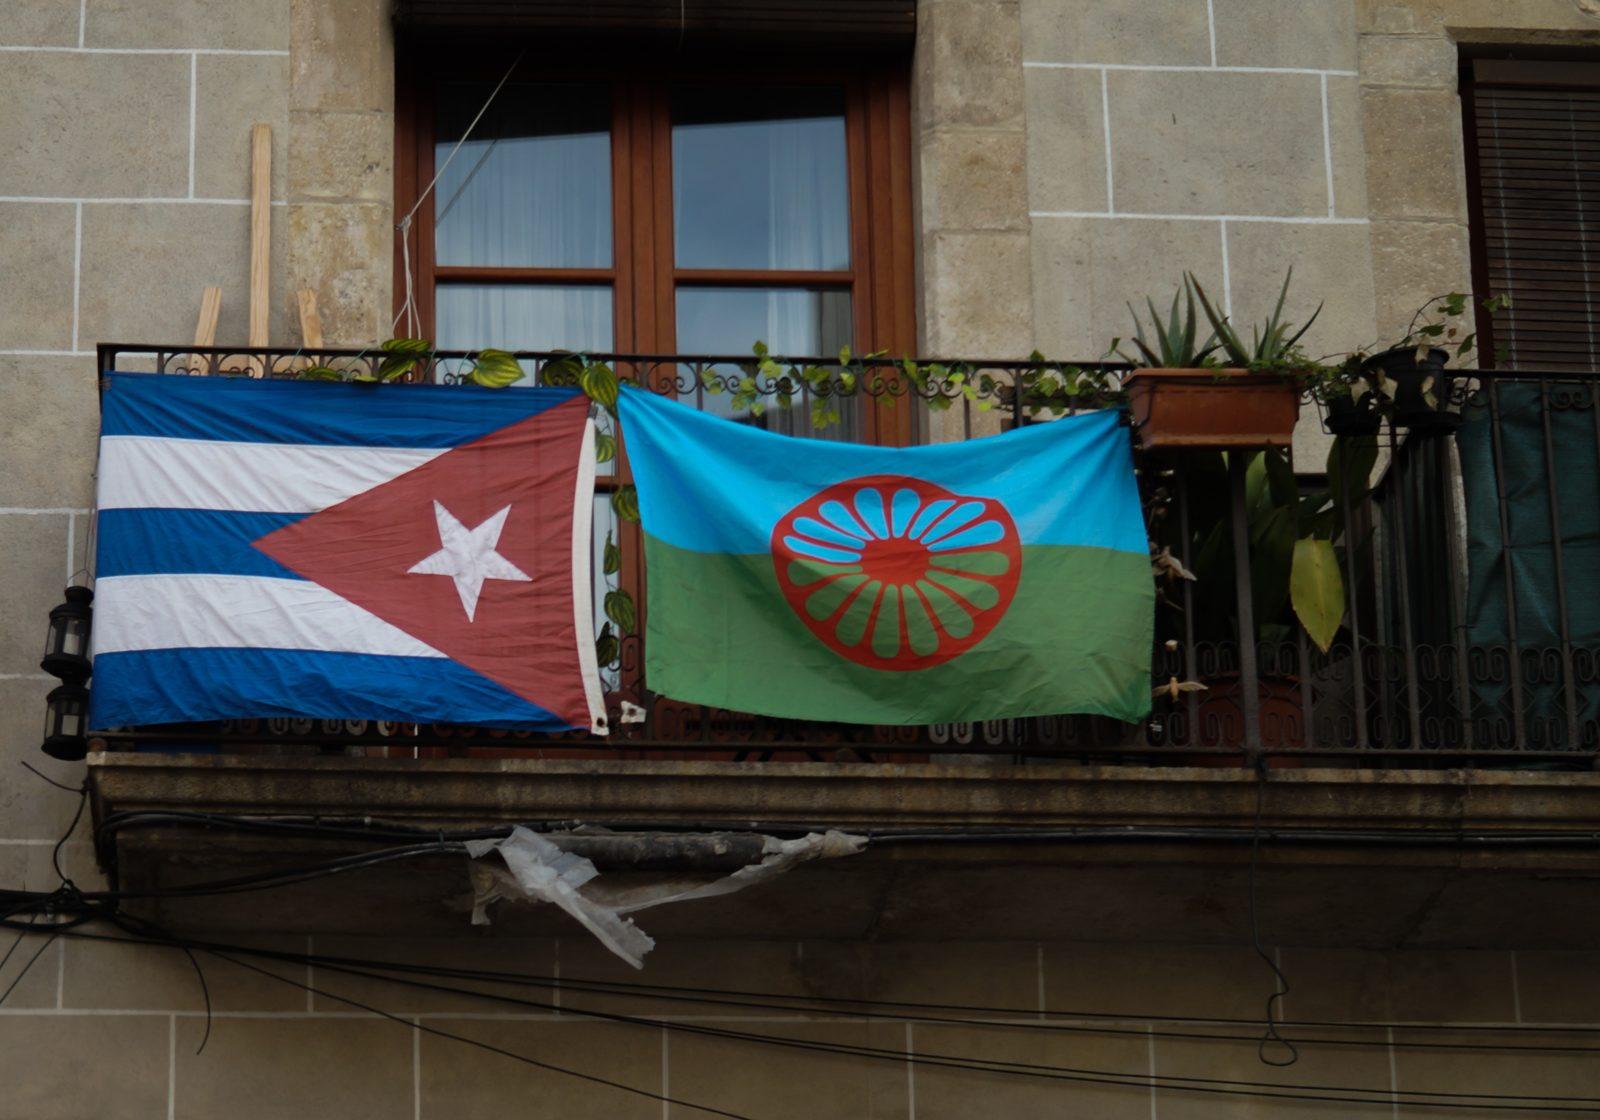 A côté du drapeau de Cuba, même la communauté Rom affiche fièrement son emblème.